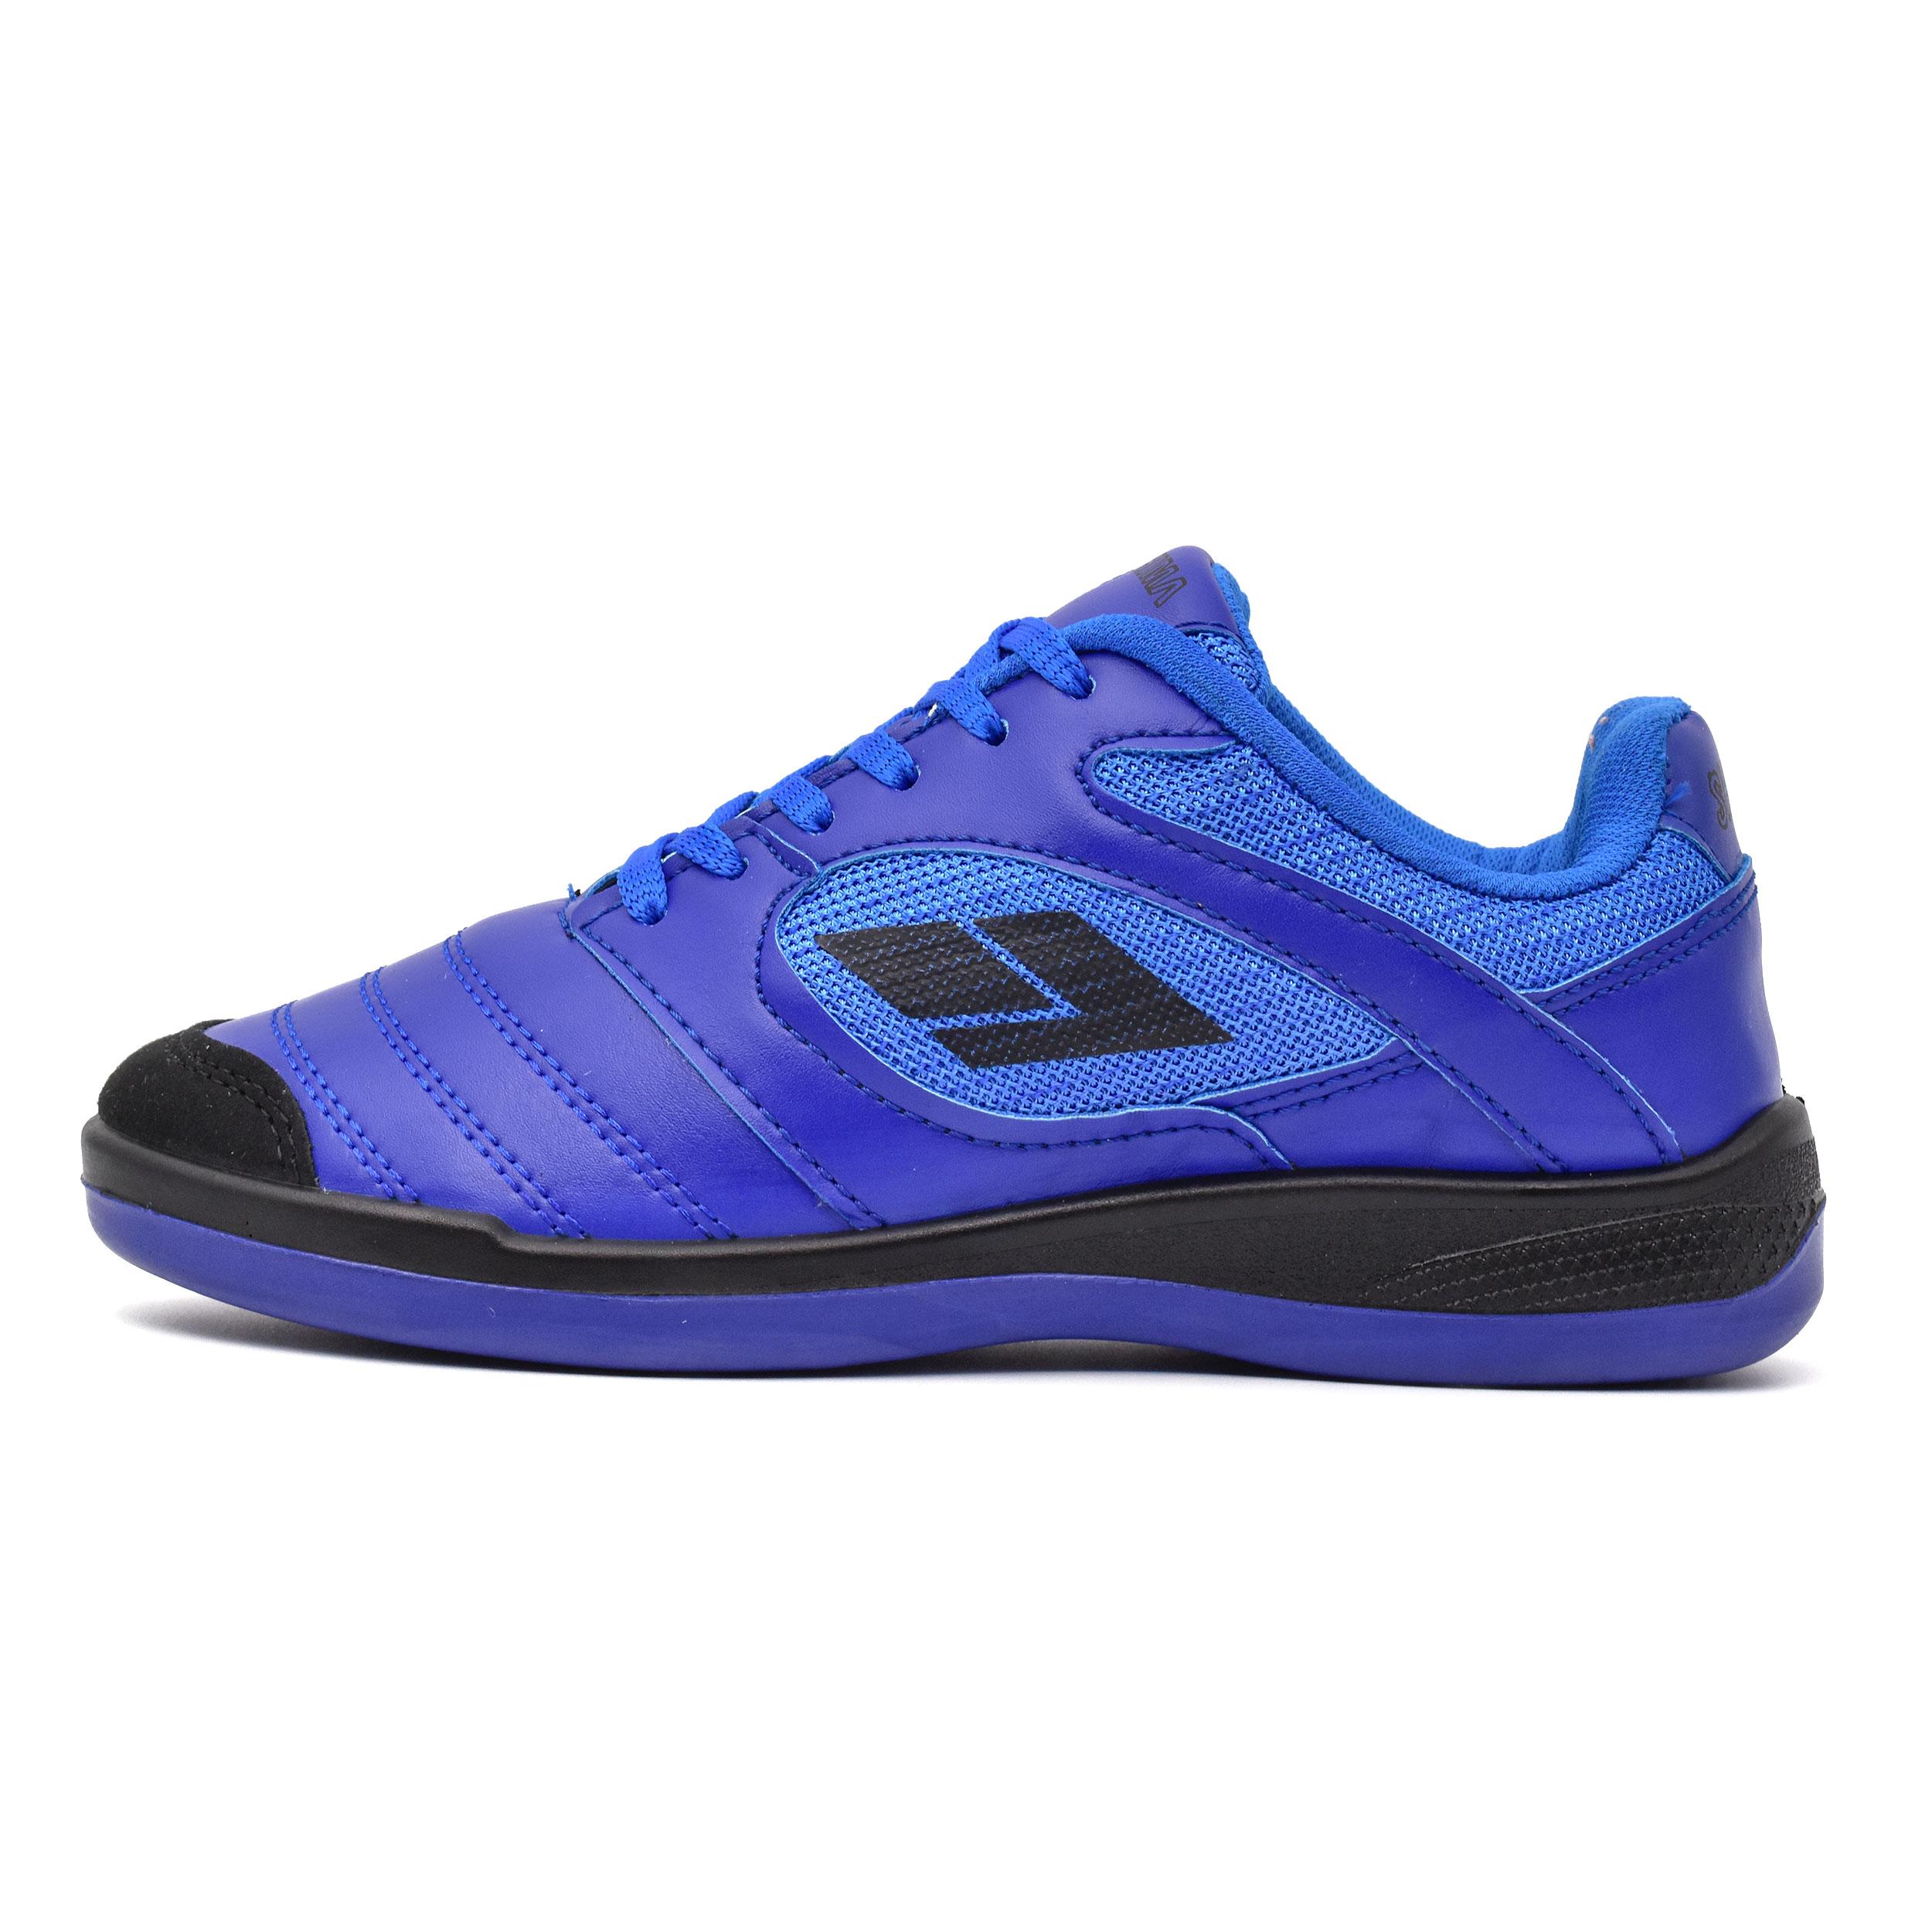 کفش مخصوص پیاده روی زنانه شیما شوز کد 5819